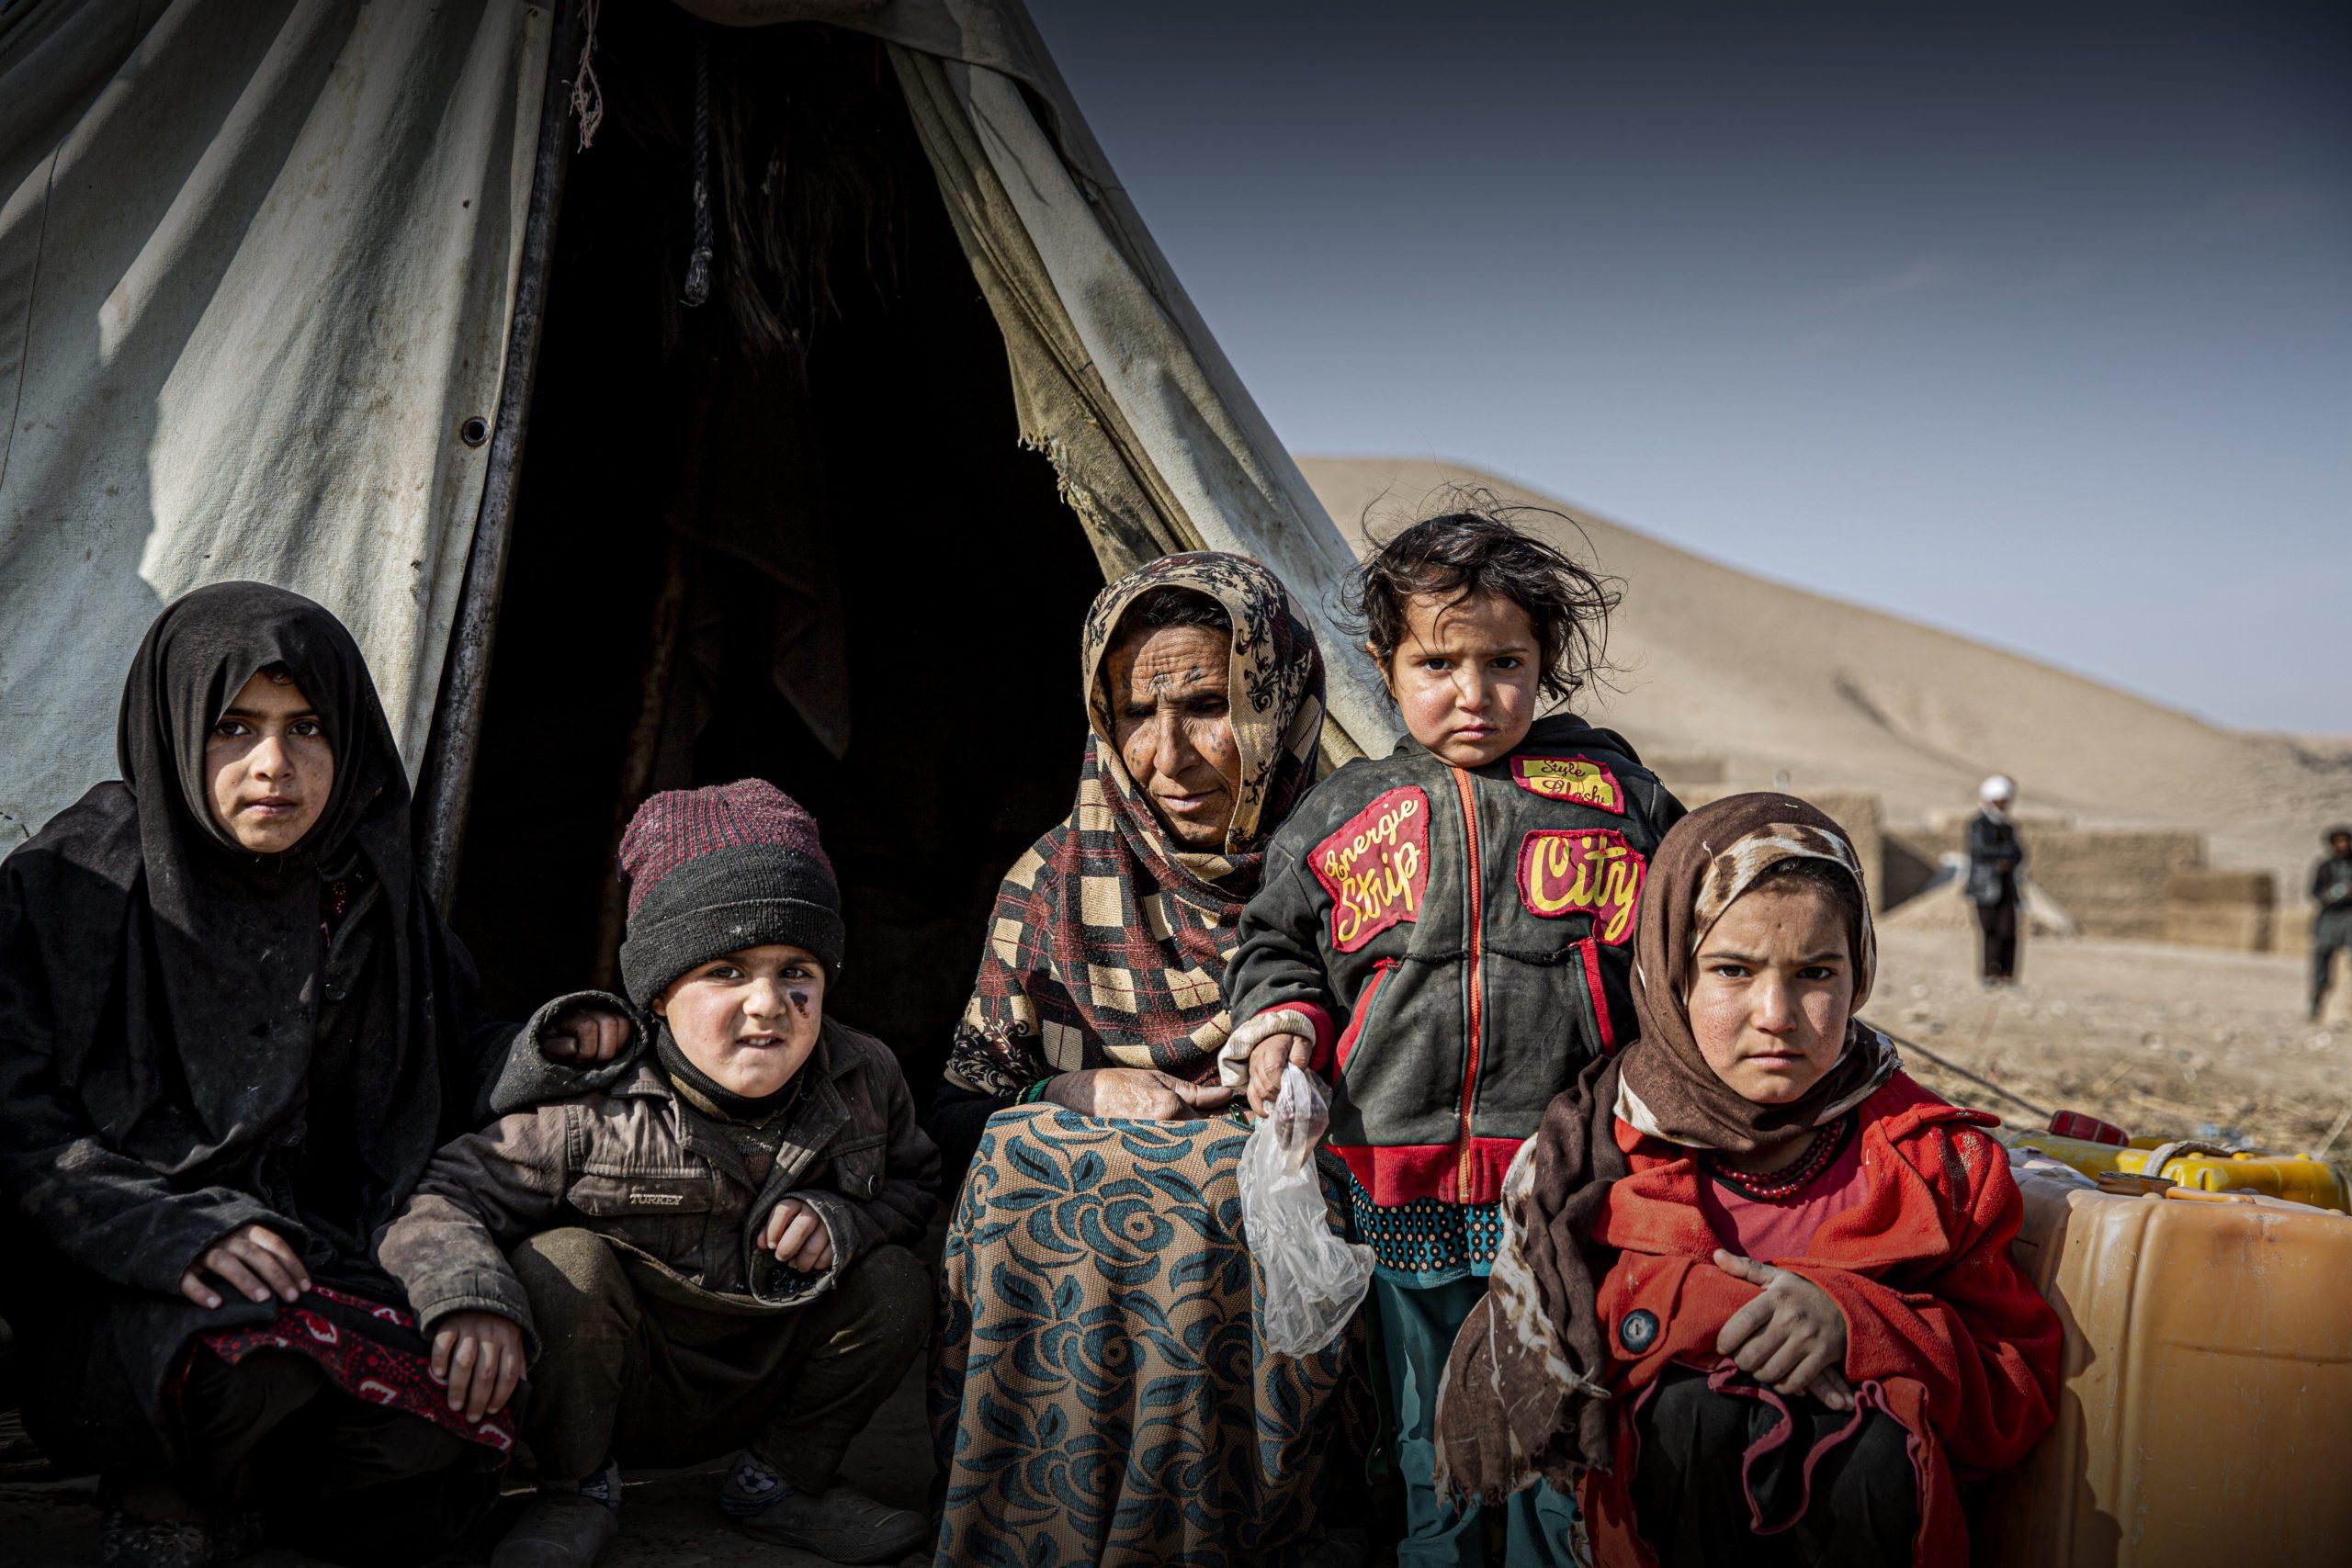 إغاثة عاجلة لأفغانستان ، الإغاثة الإسلامية عبر العالم